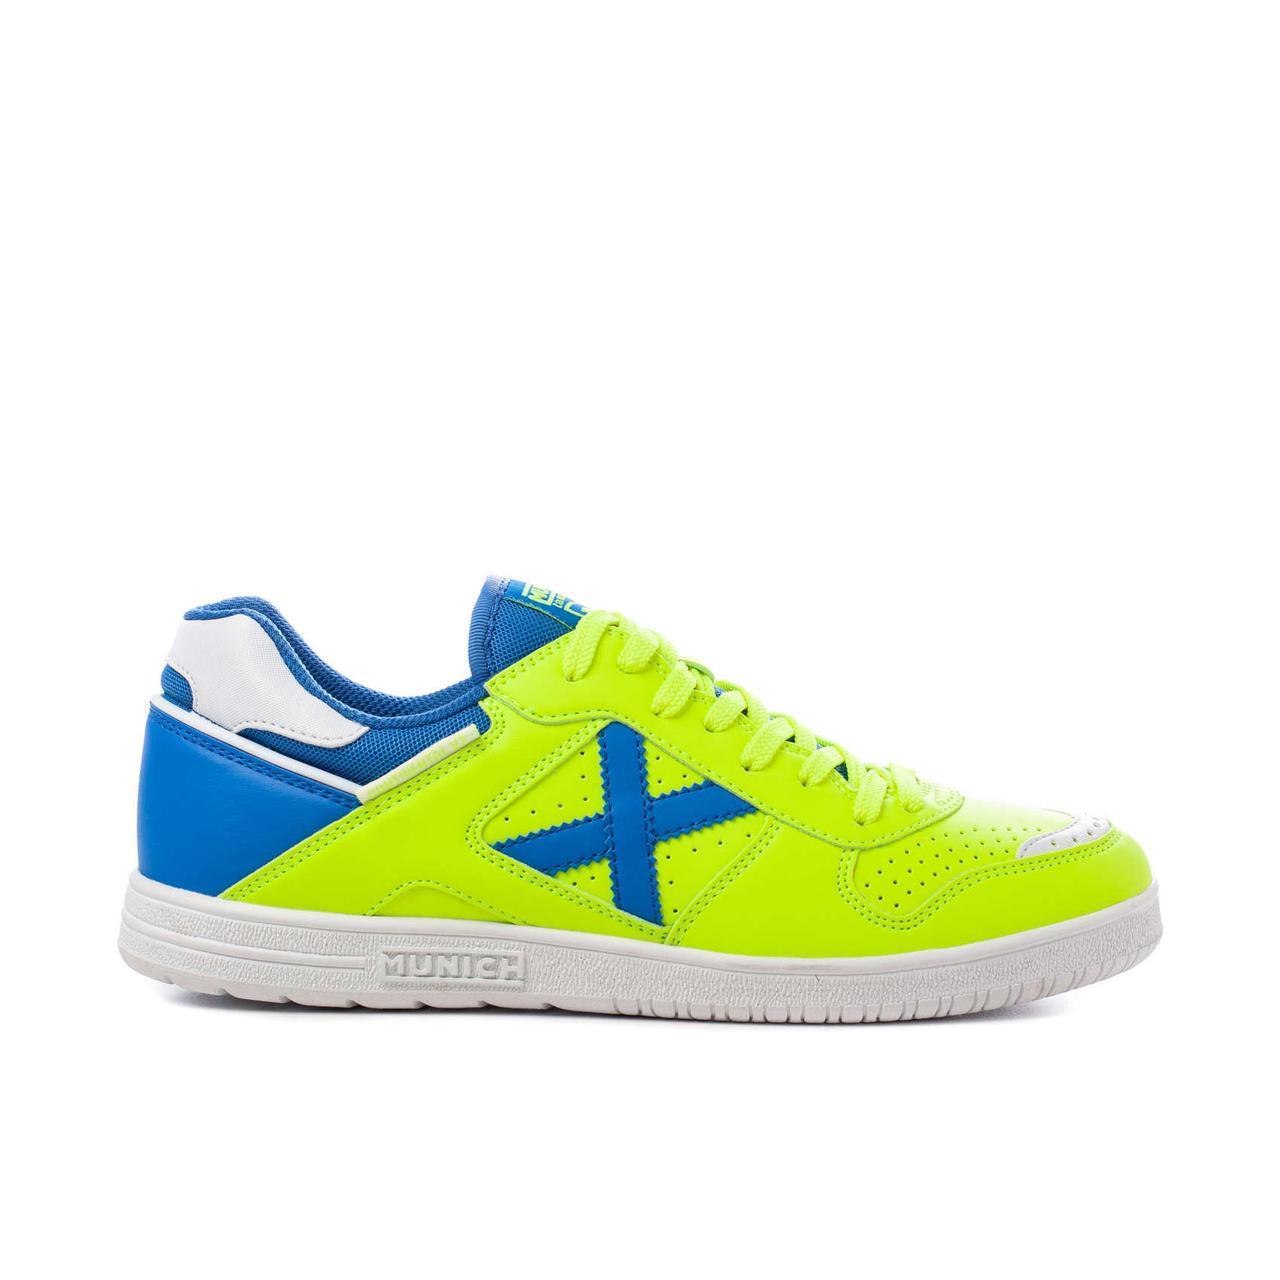 Футзалки MUNICH X CONTINENTAL V2 00  обувь для зала.